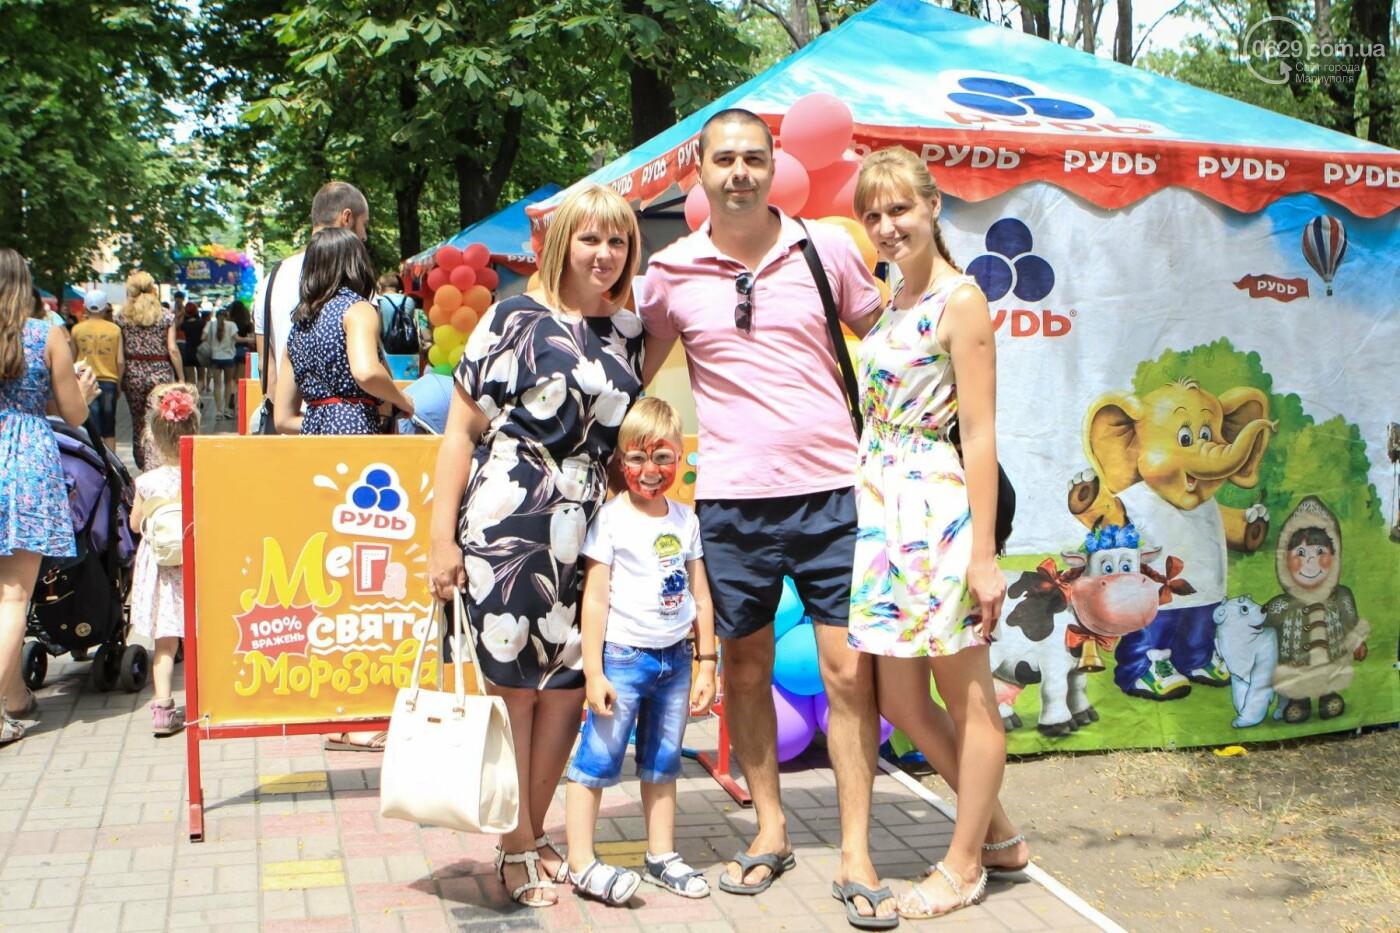 Мариупольцы получили 100% ярких впечатлений на Празднике Мороженого от компании «РУДЬ», фото-31